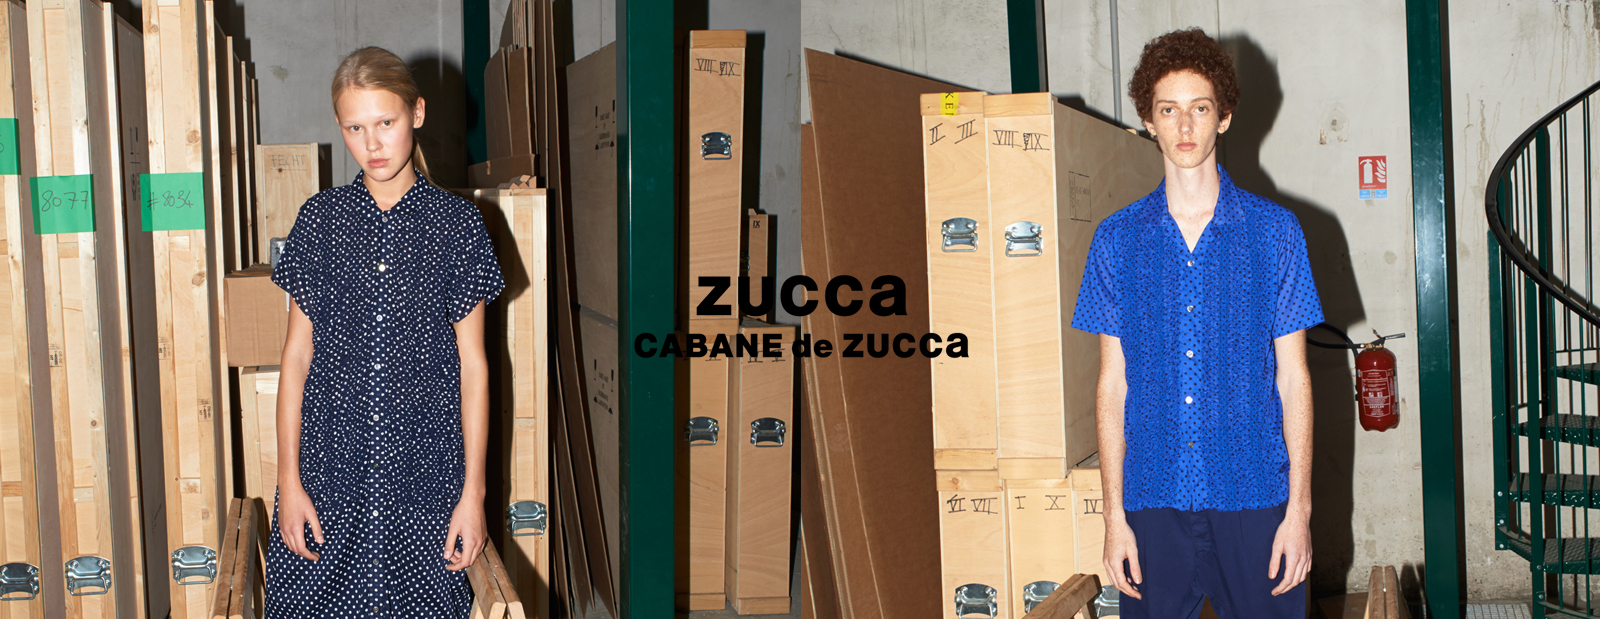 ZUCCa